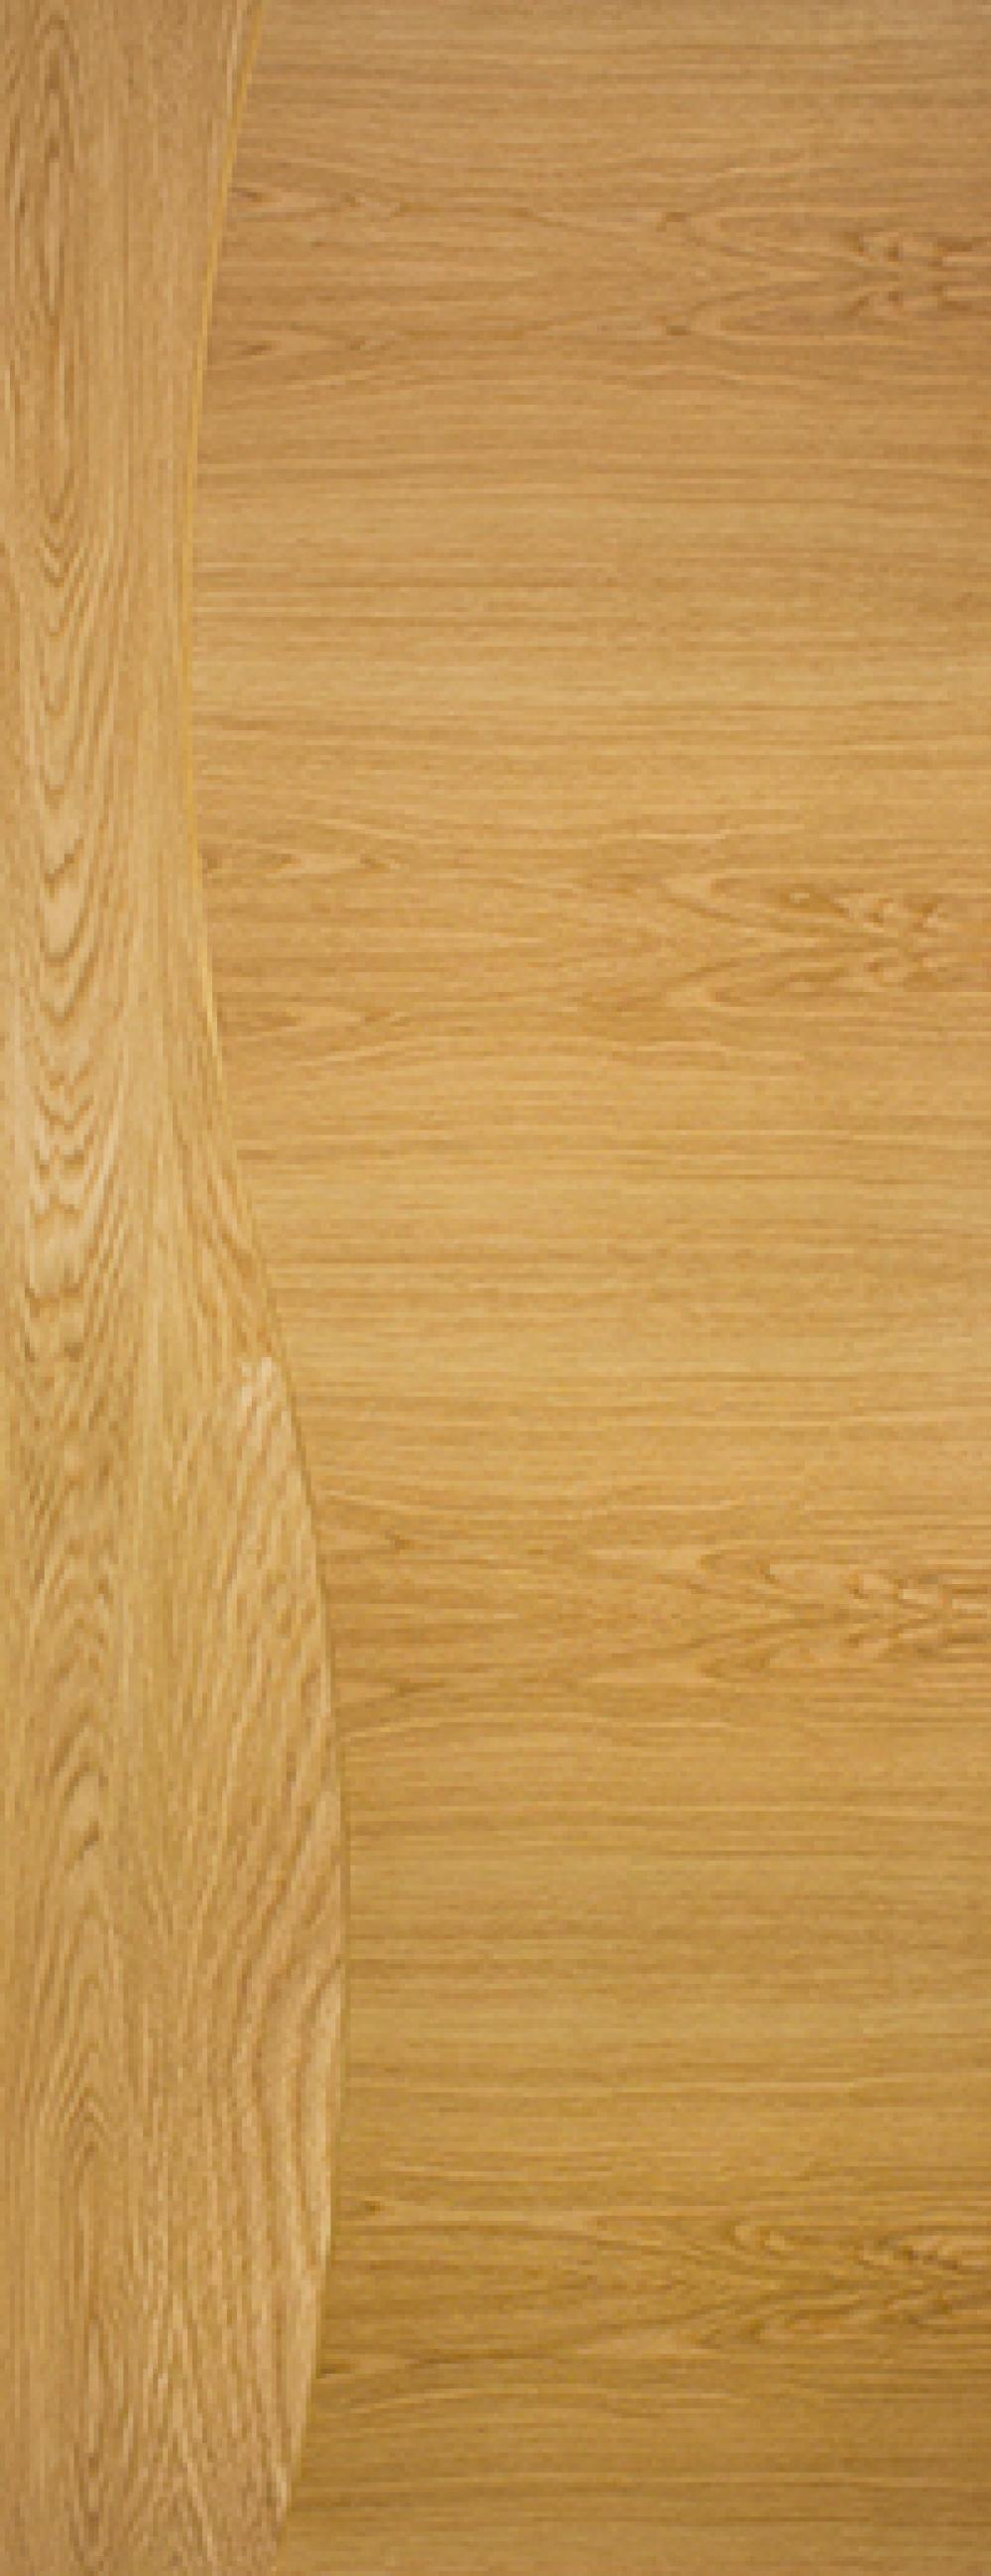 Cadiz Oak - Prefinished Image